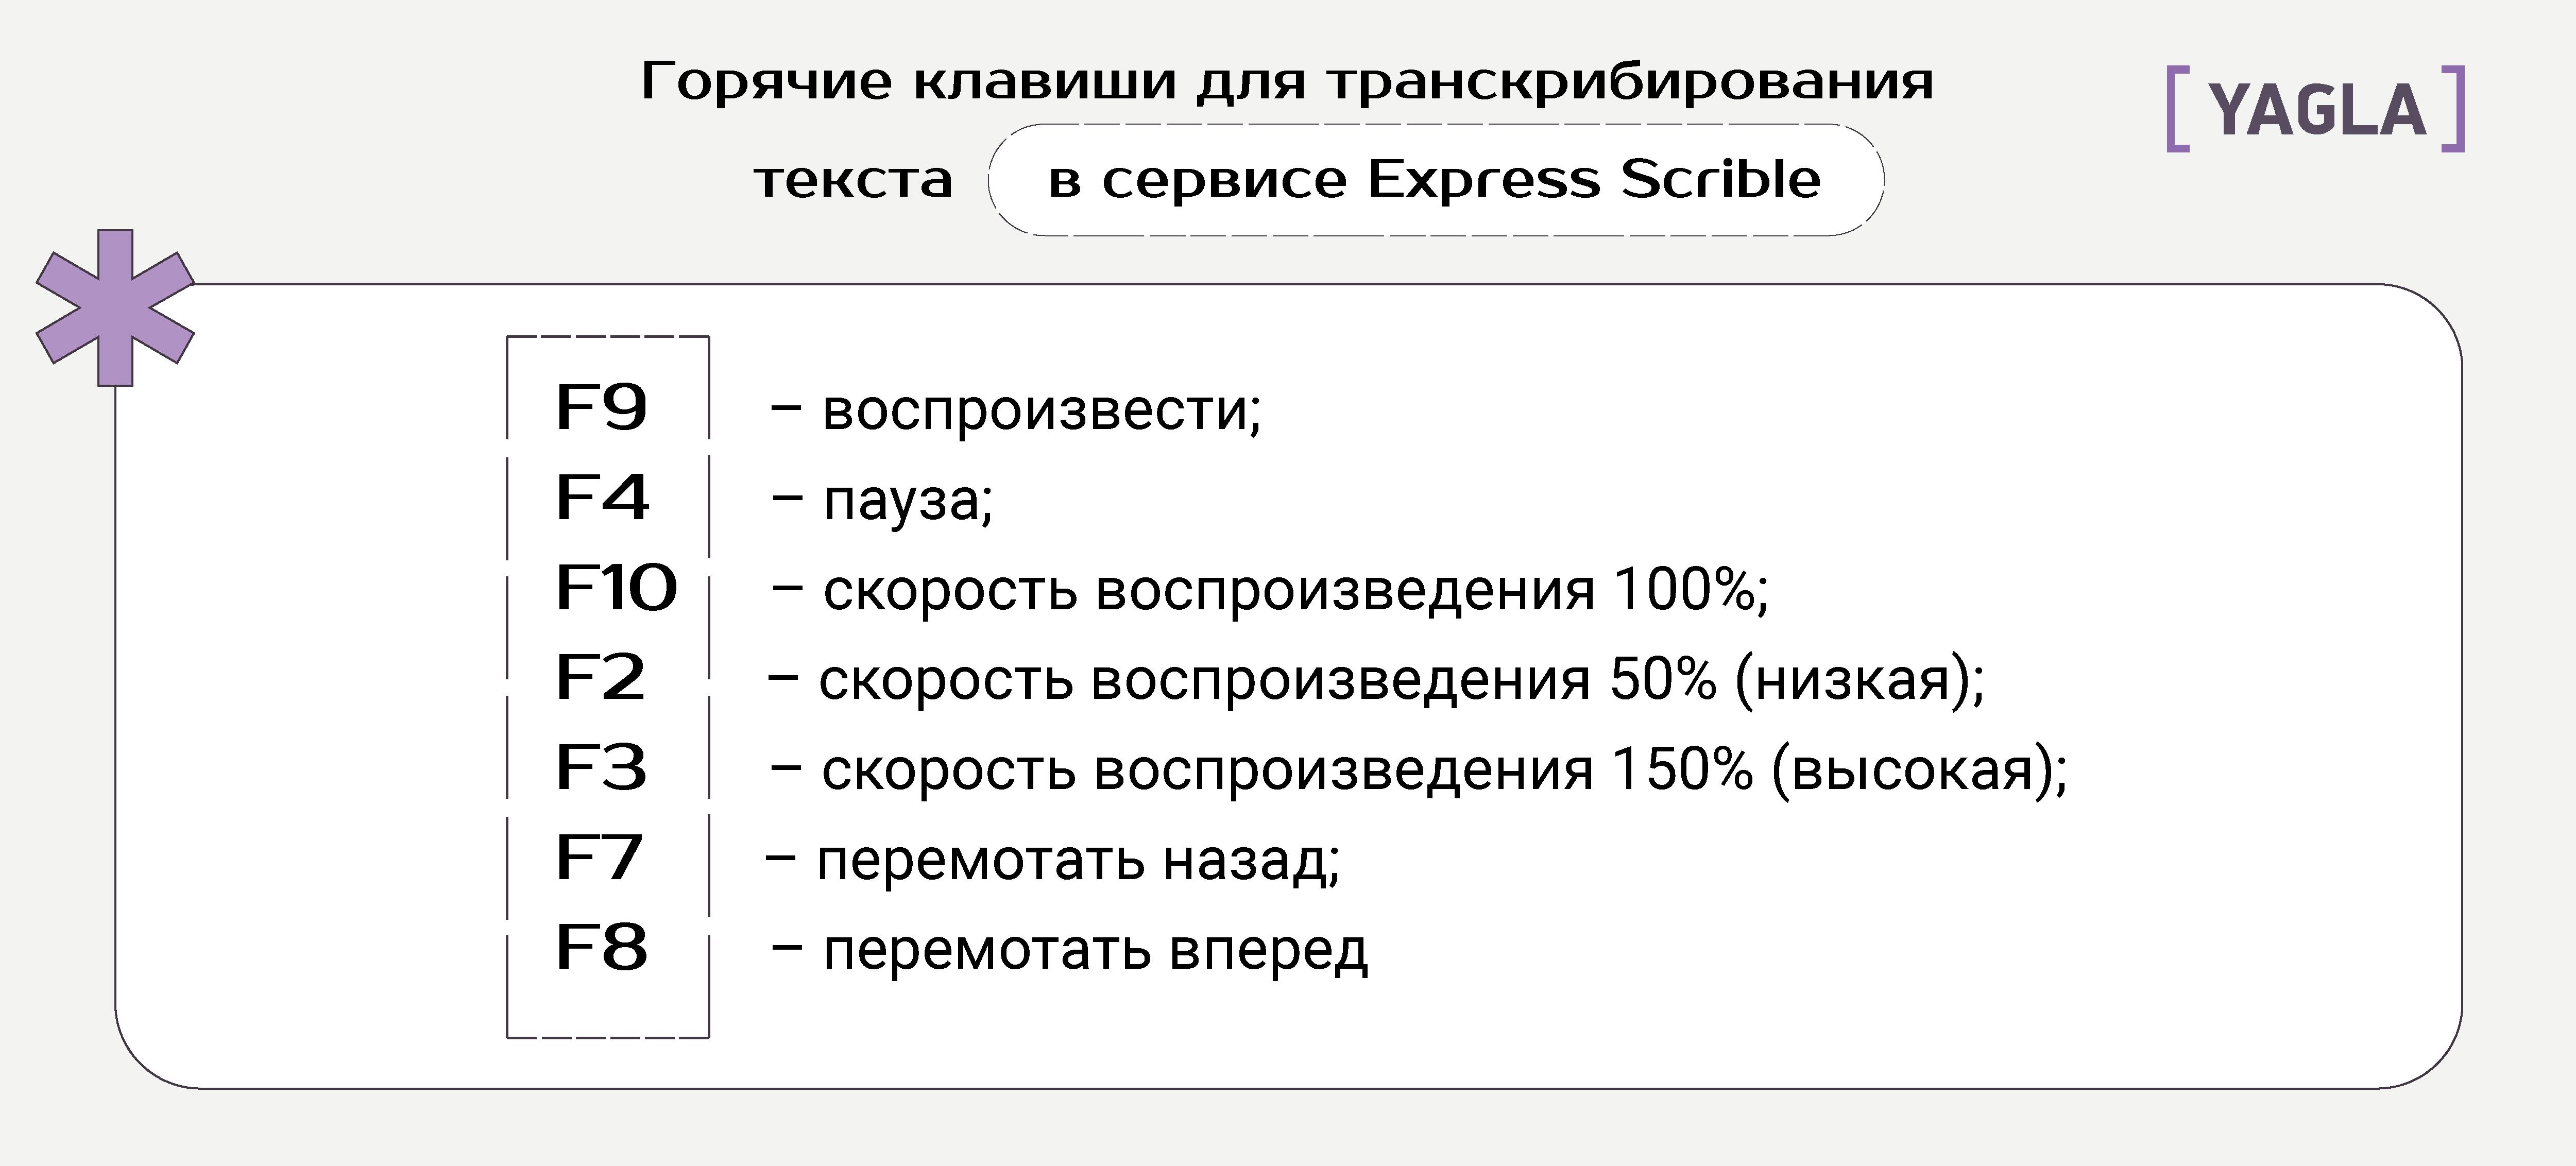 Горячие клавиши для транскрибирования текста в сервисе Express Scrible